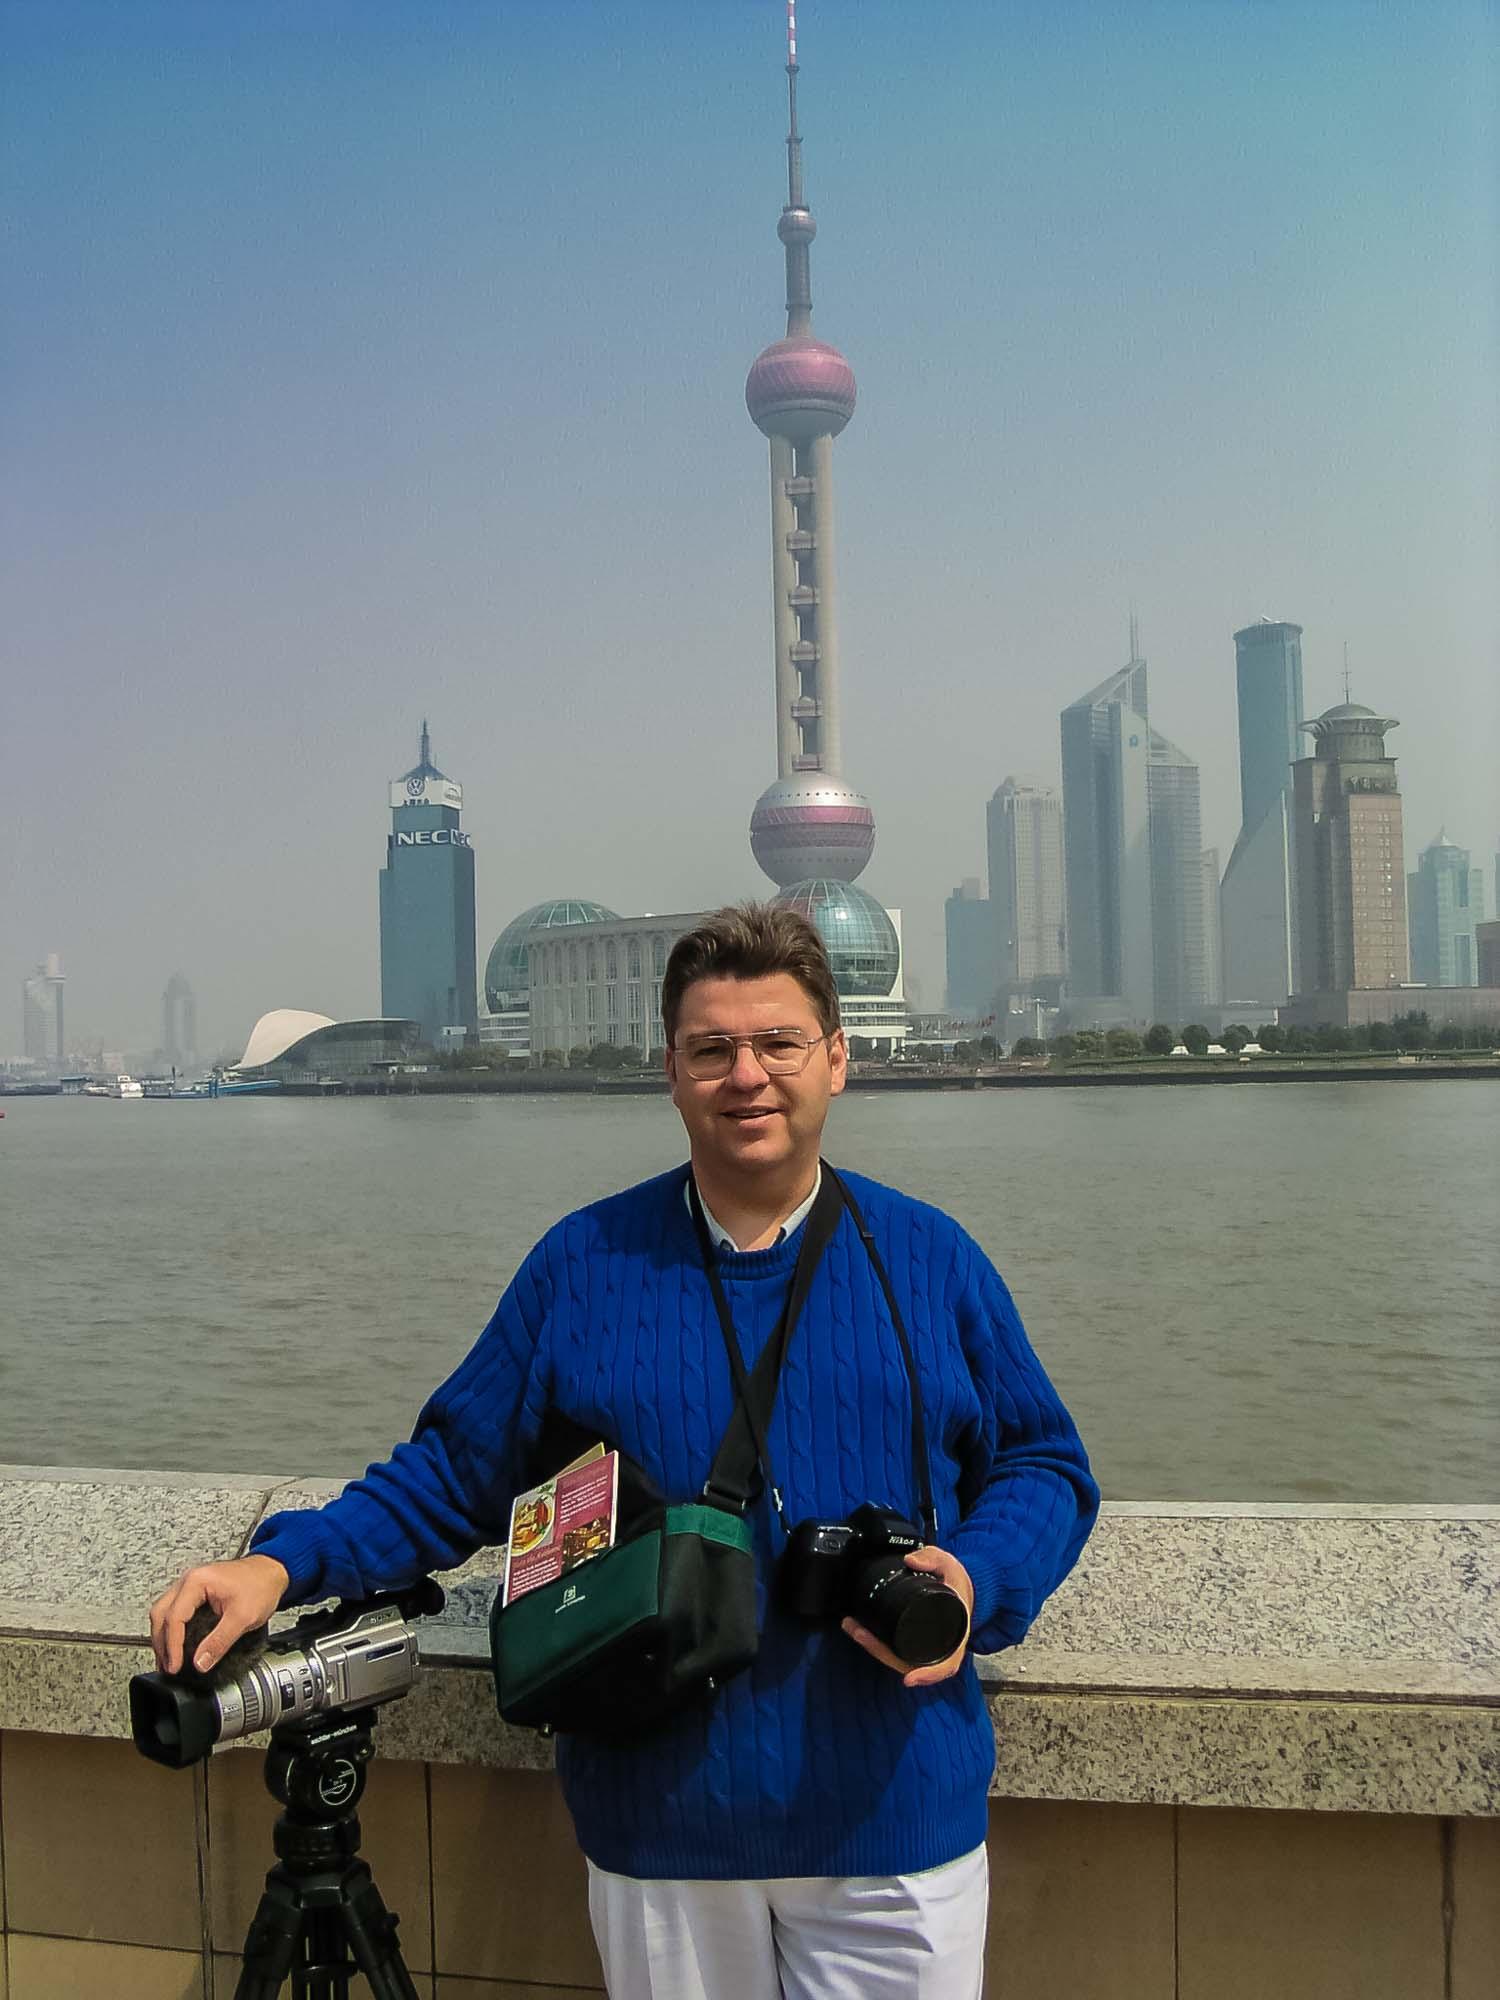 Peter Jurgilewitsch vor der Skyline von Pudong in Shanghai